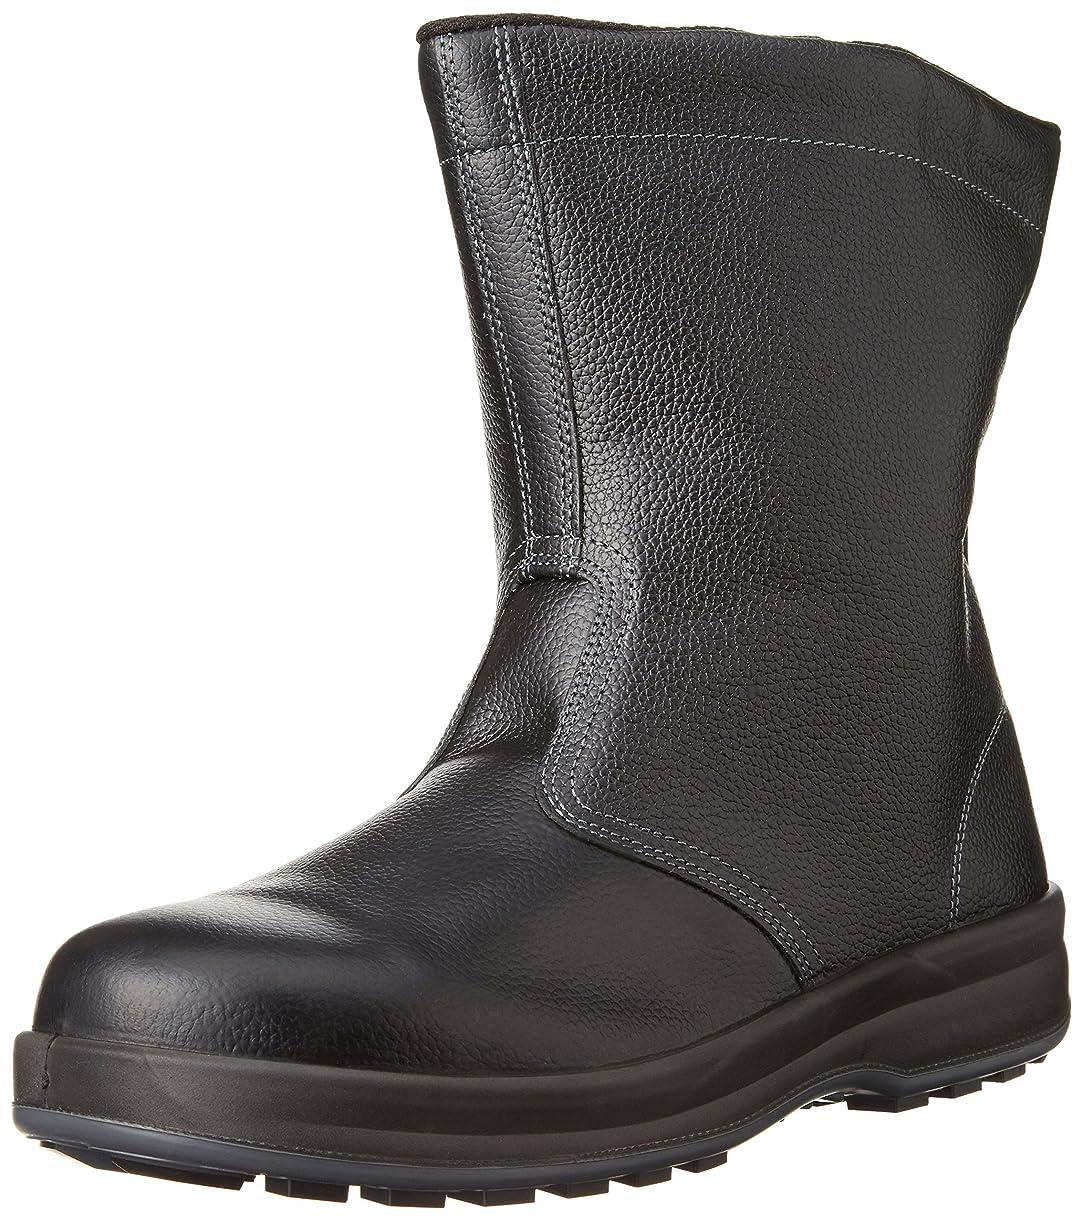 ダルセット狼照らす[シモン] 安全靴 半長靴 JIS規格 耐滑 快適 軽快 長靴 WS44黒